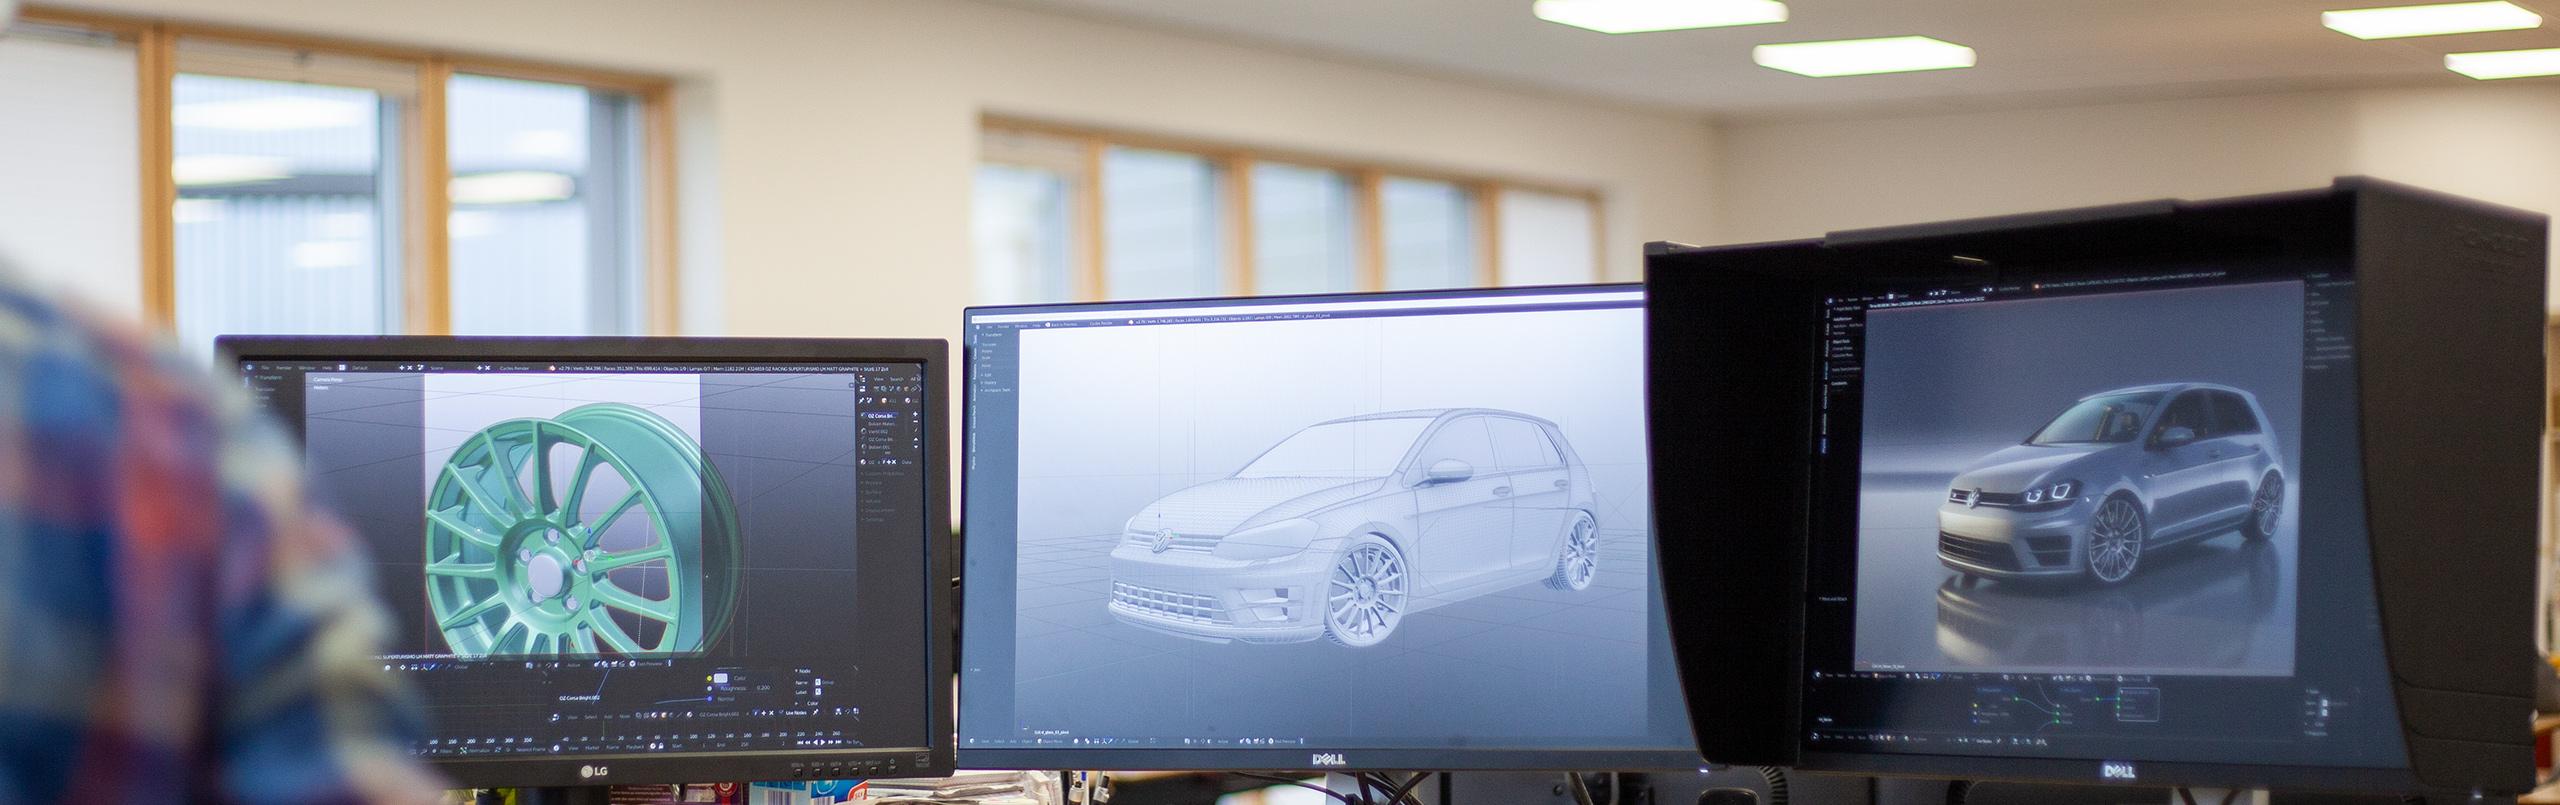 3D-Artist